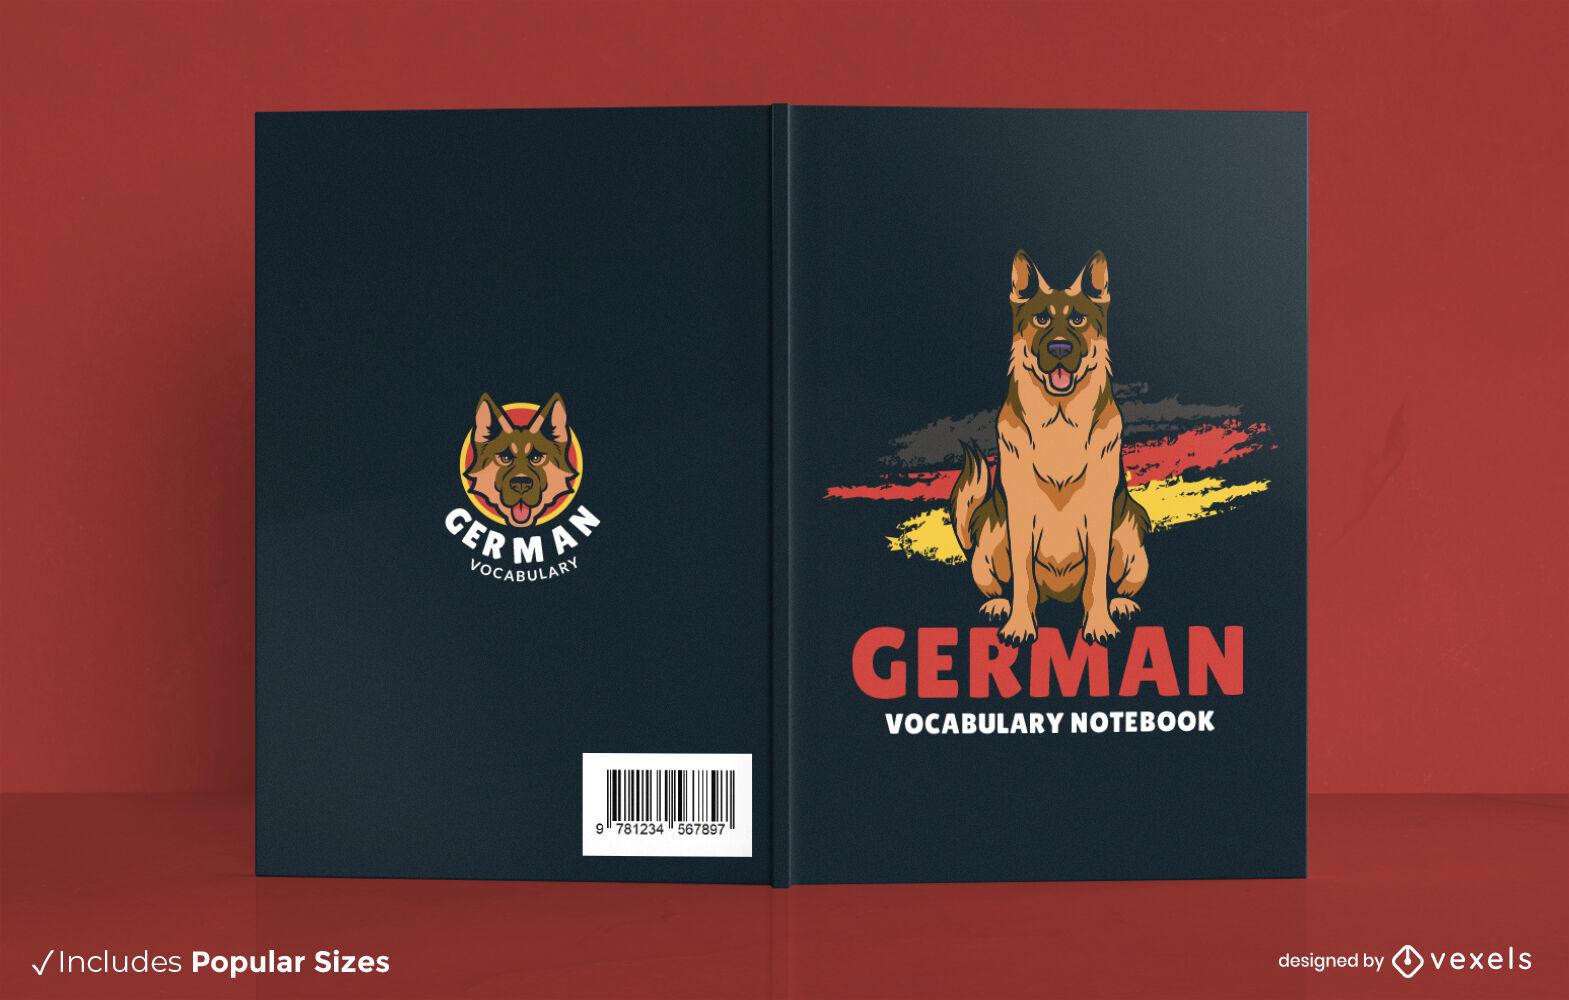 Buchcover-Design für deutsches Vokabular-Notizbuch